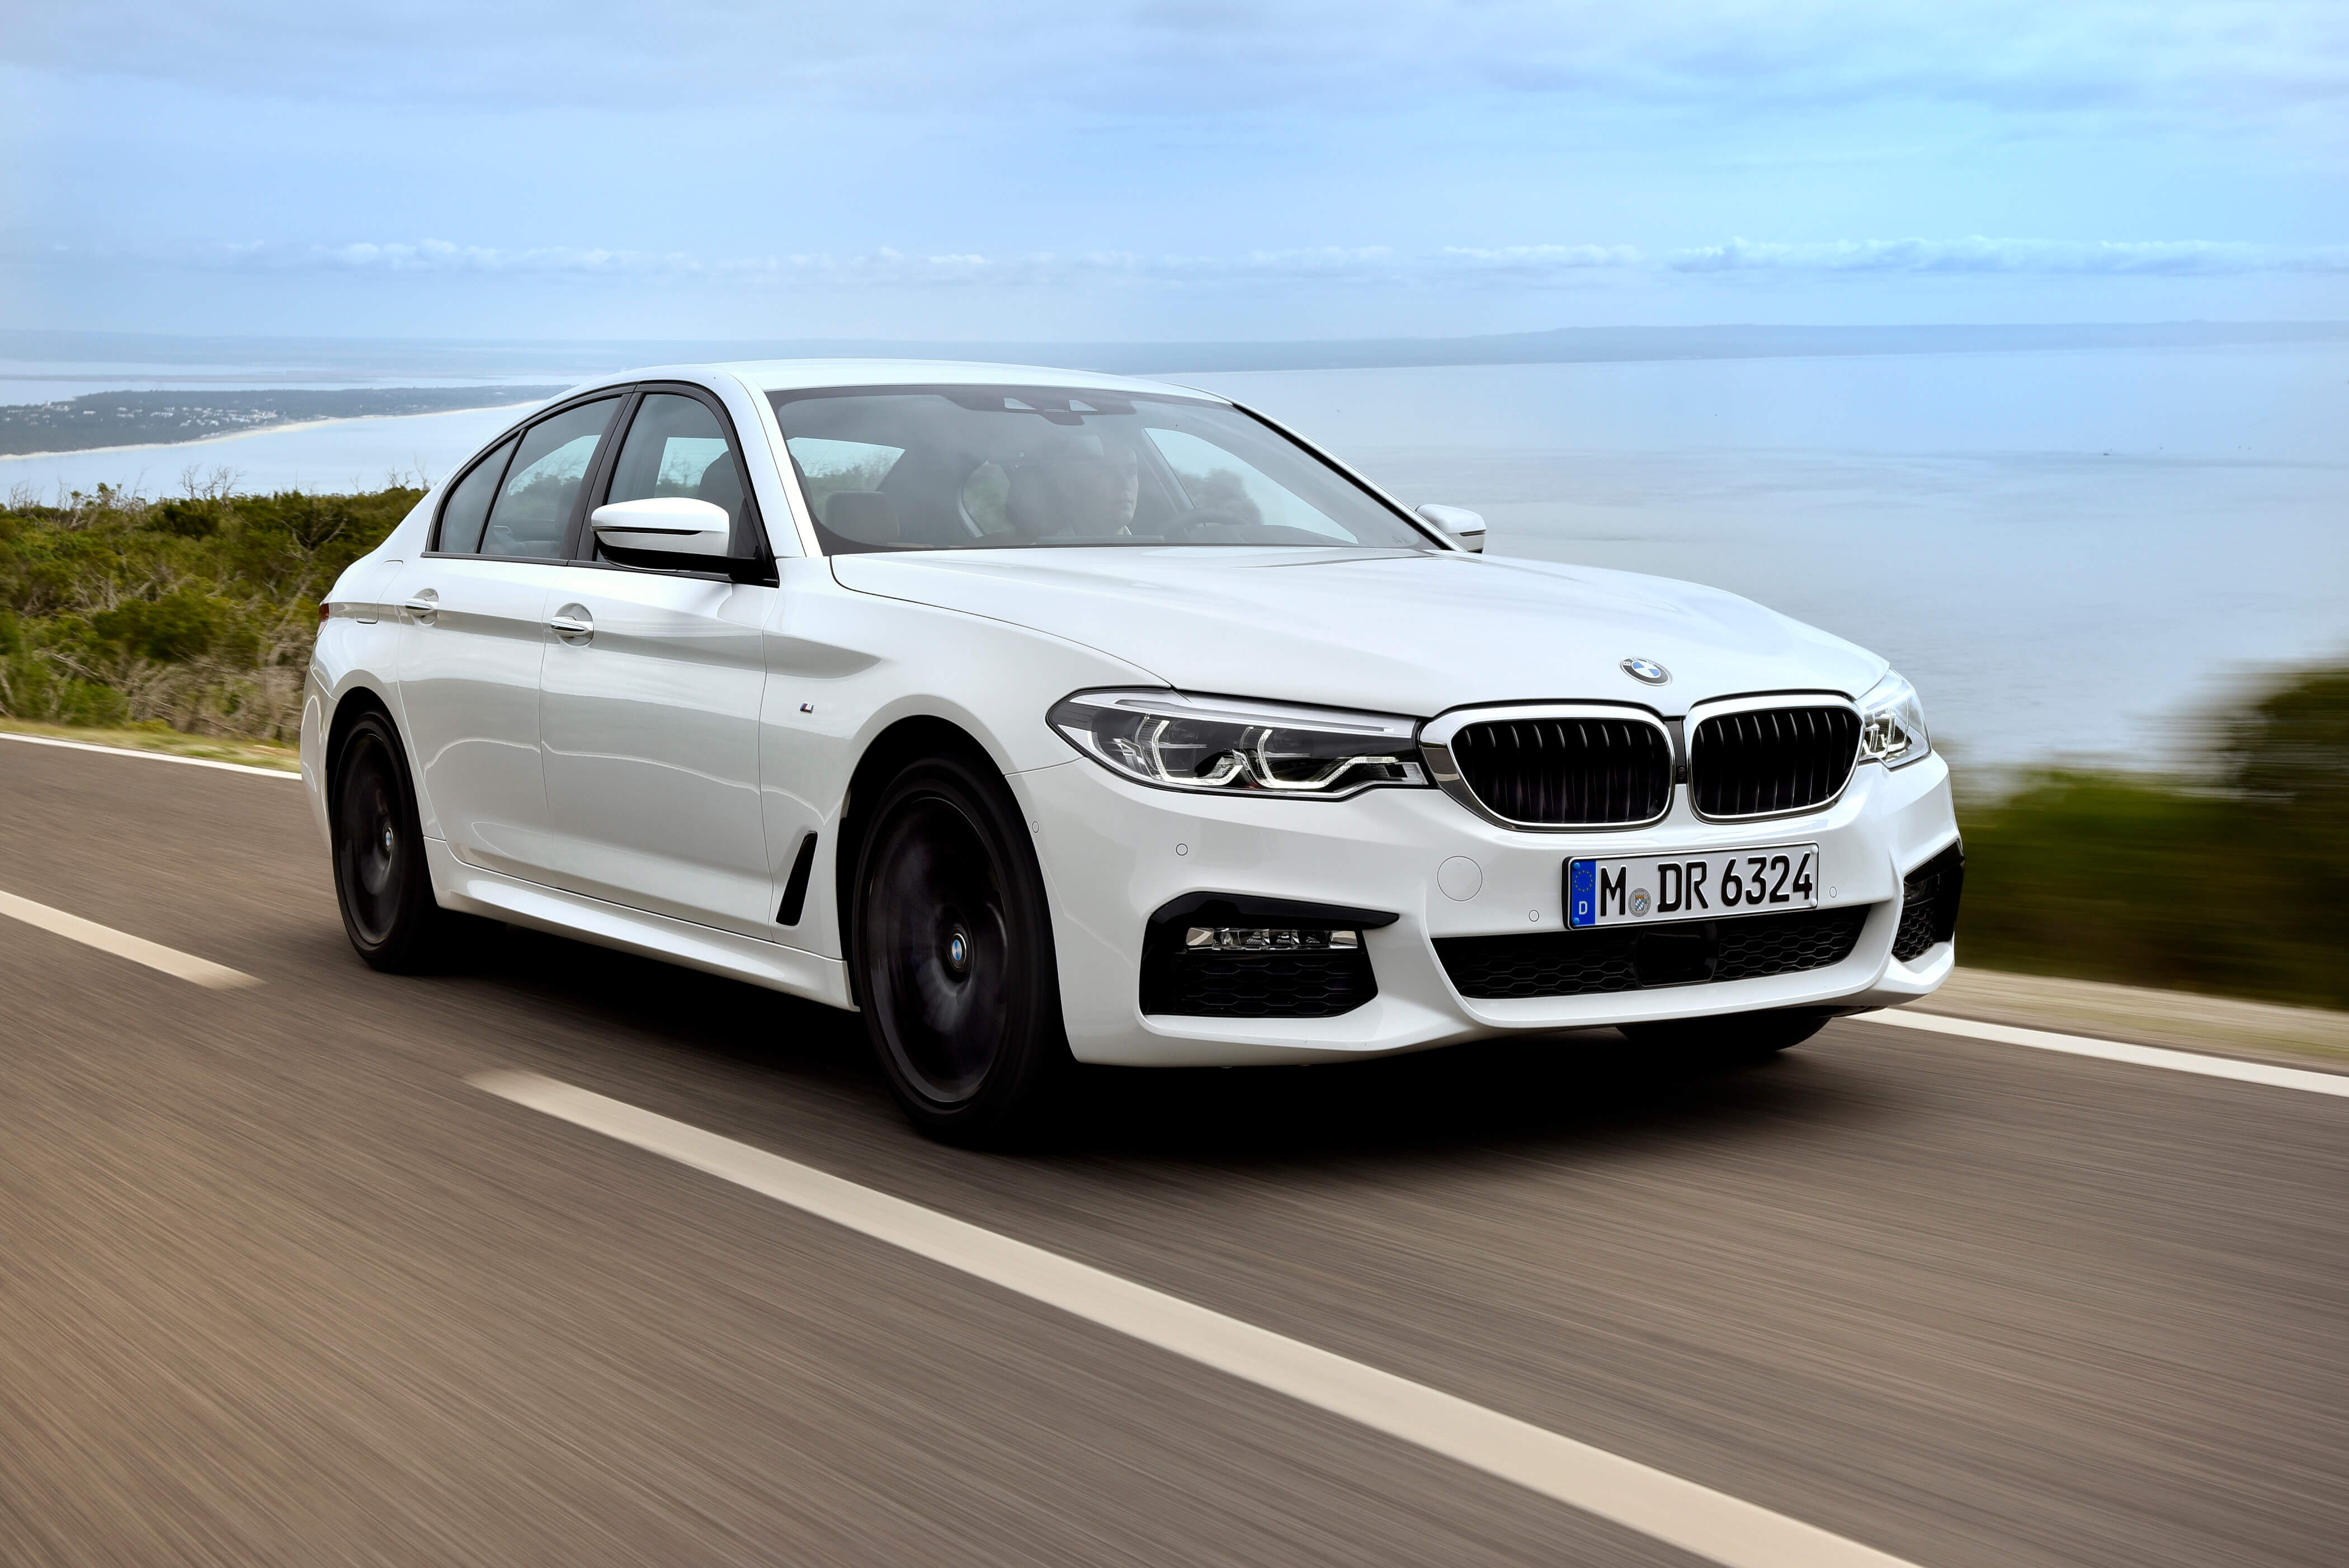 BMW 530e M Sport Brasil. Preço a partir da R$ 332.950. A potência combinada é de 252cv, e o torque atinge 420Nm ? 70Nm a mais que a versão à combustão. Com esta configuração, o sedã é capaz de acelerar de 0 (zero) a 100 km/h em 6,2 s e alcançar 235 km/h de velocidade máxima. O BMW 530e PHEV pode ser conduzido de forma híbrida com a utilização dos dois motores ou no modo puramente elétrico - sem emissões e sem ruído. No modo MAX eDrive, o BMW 530e tem autonomia de até 46 quilômetros de utilização puramente elétrica, sem necessidade de recarga.